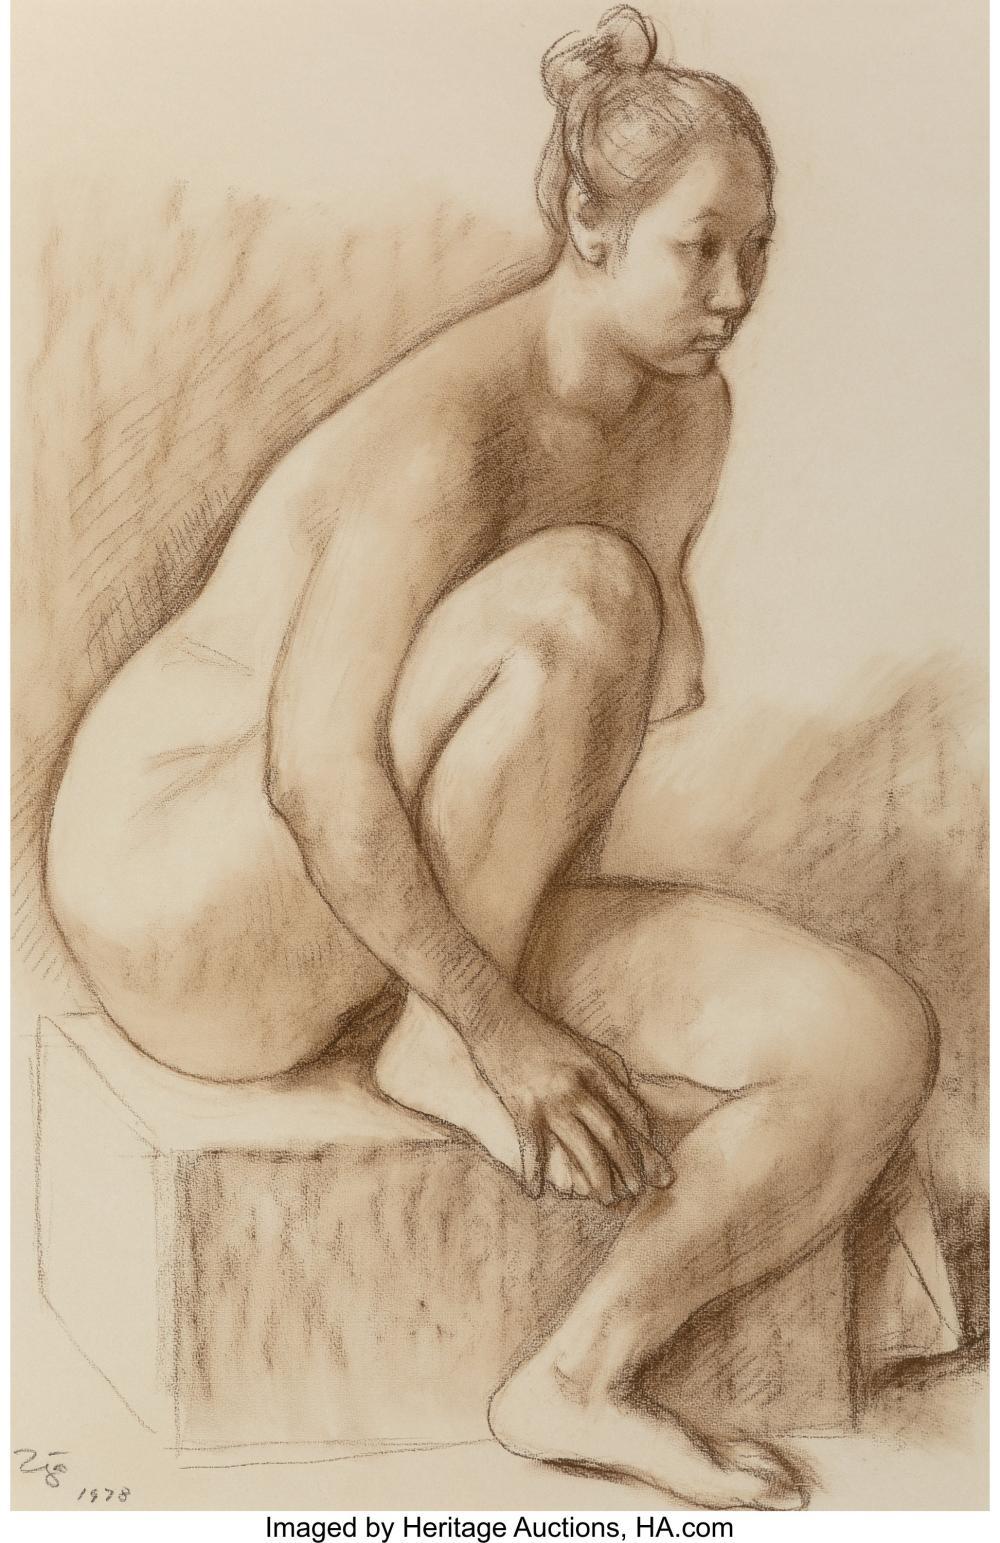 Francisco Zúñiga (Mexican, 1912-1998) Desnudo sentado, 1978 Sepia crayon on Ingr